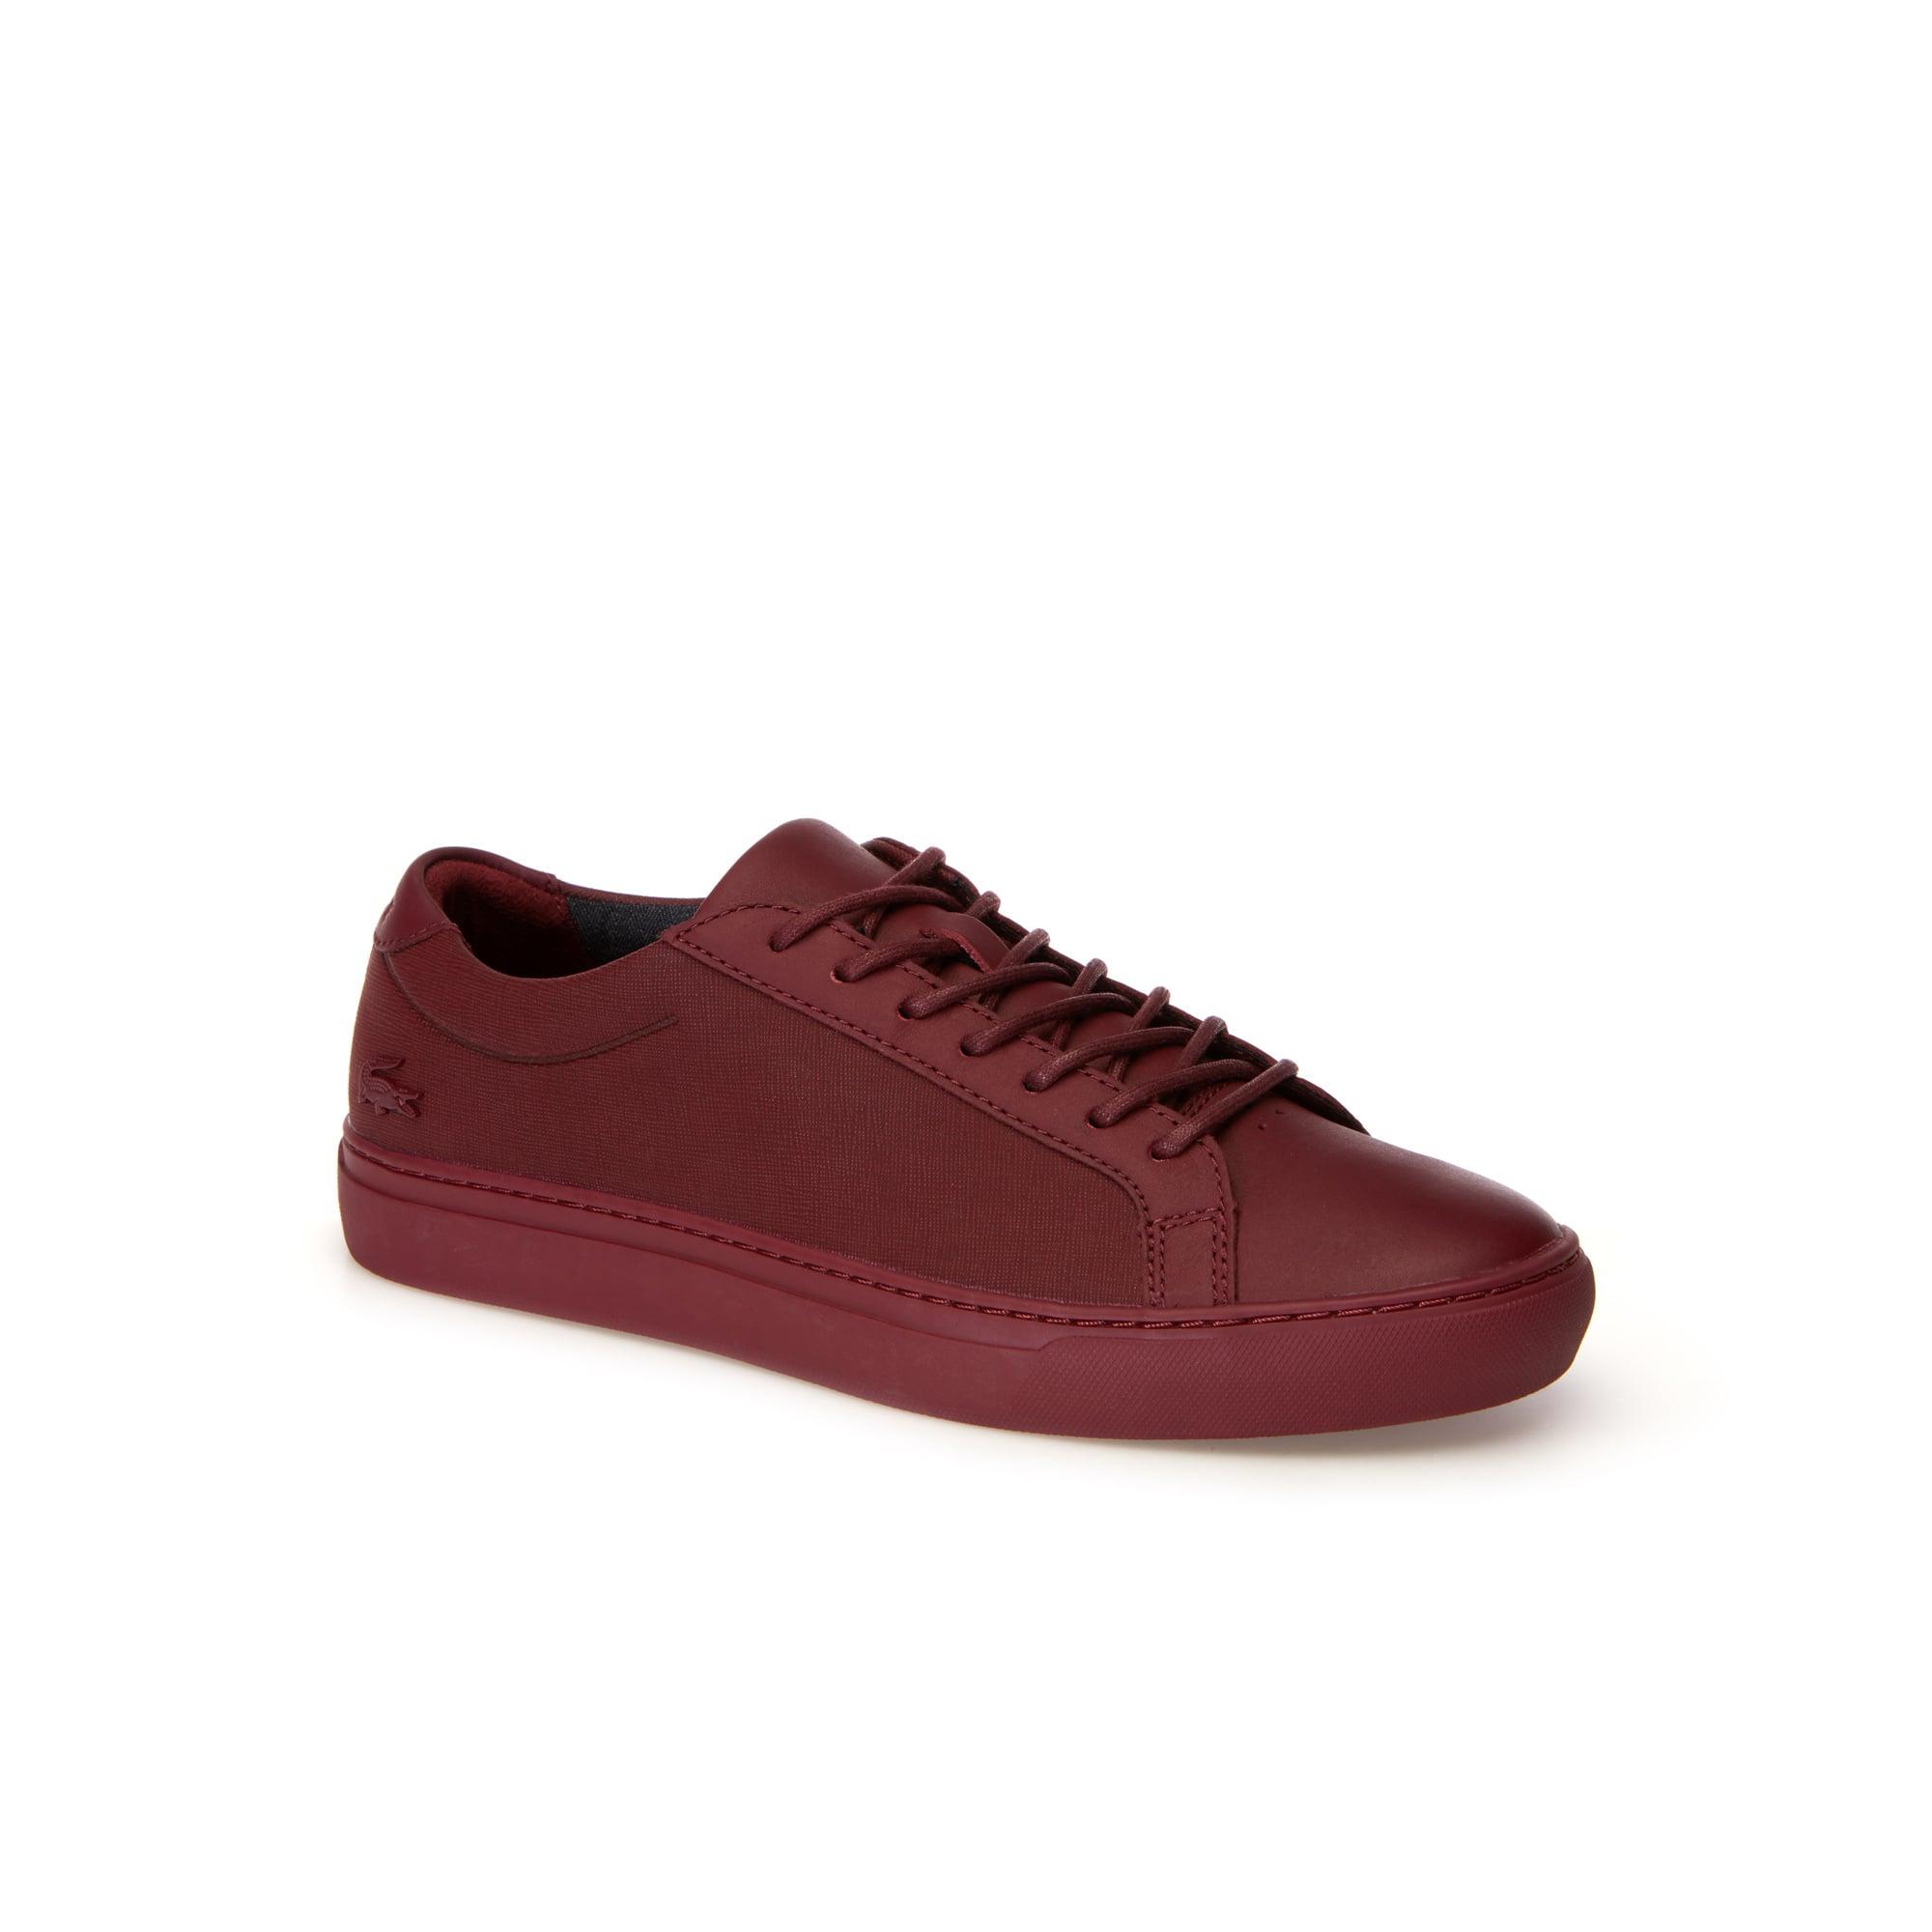 Lacoste - Sneakers L.12.12 homme en cuir de qualité supérieure - 1